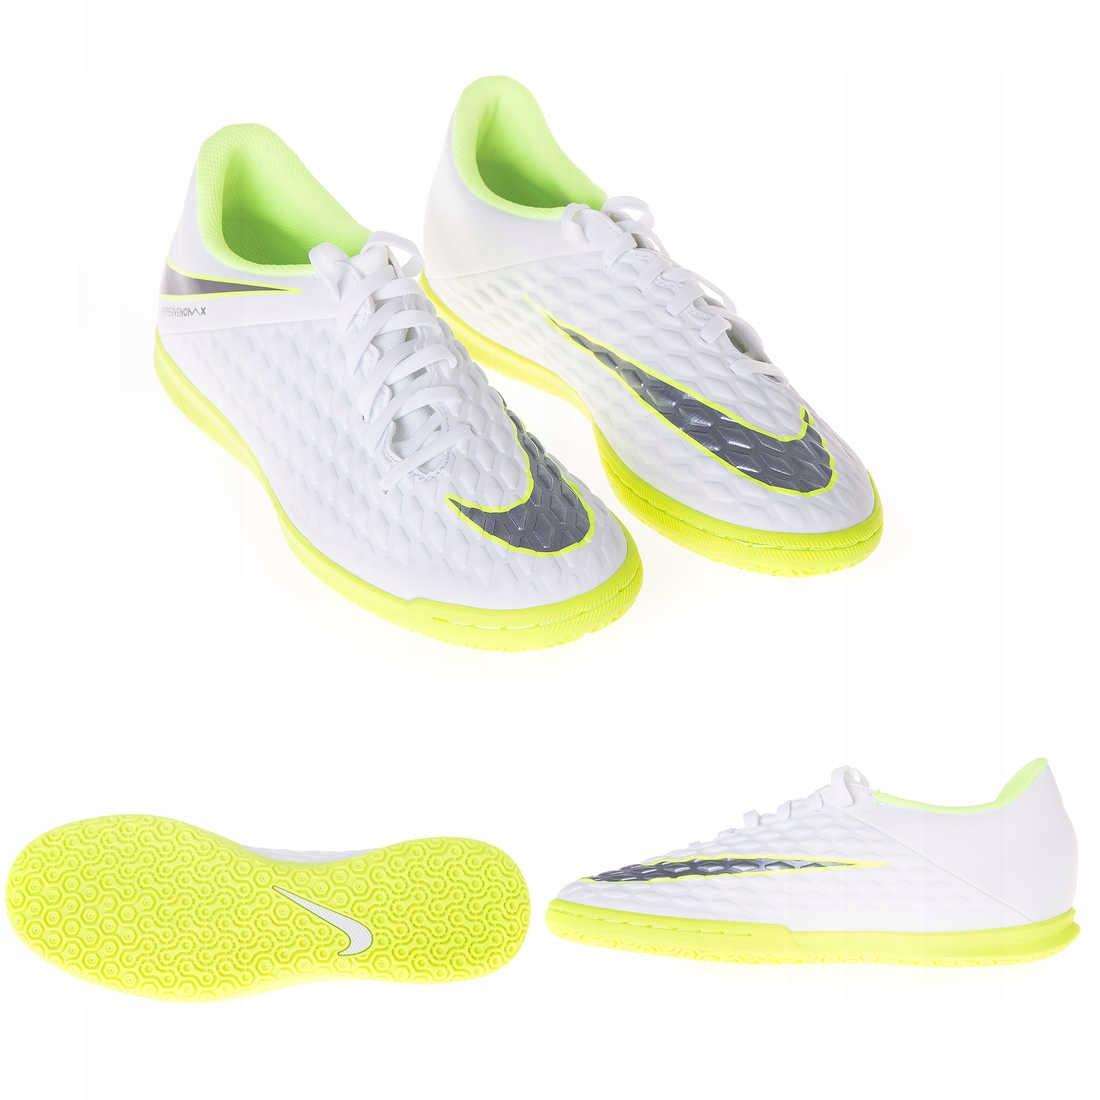 wielka wyprzedaż butik wyprzedażowy różnie Nike Hypervenom 3 Club IC AJ3808-107 sportsbox_pl ...